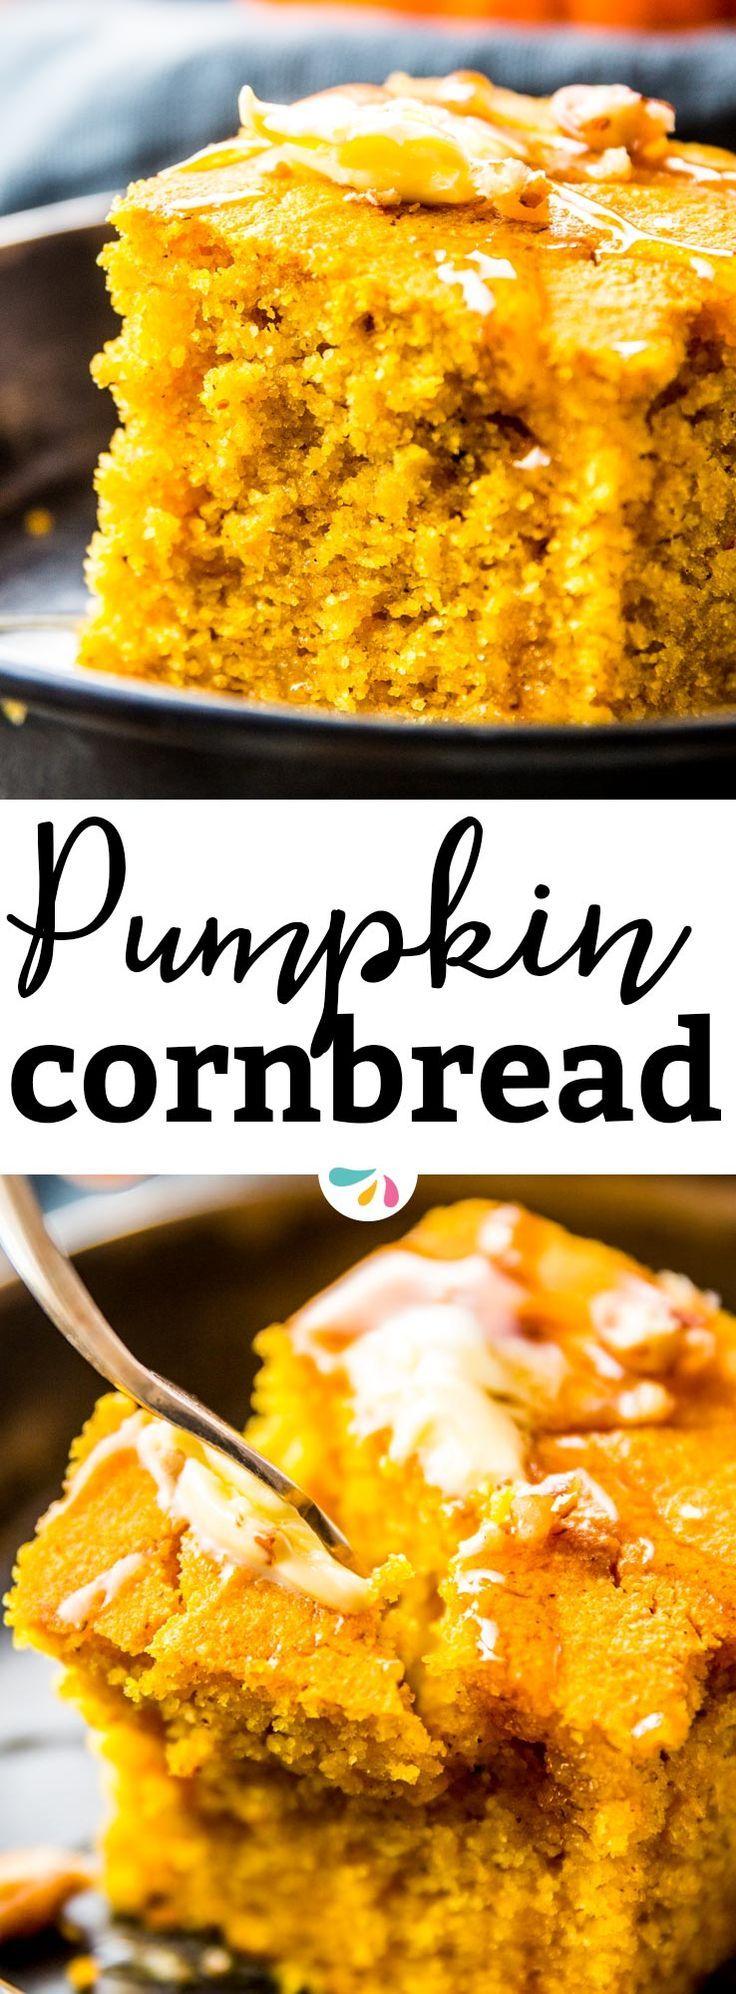 Pumpkin Cornbread | Posted By: DebbieNet.com